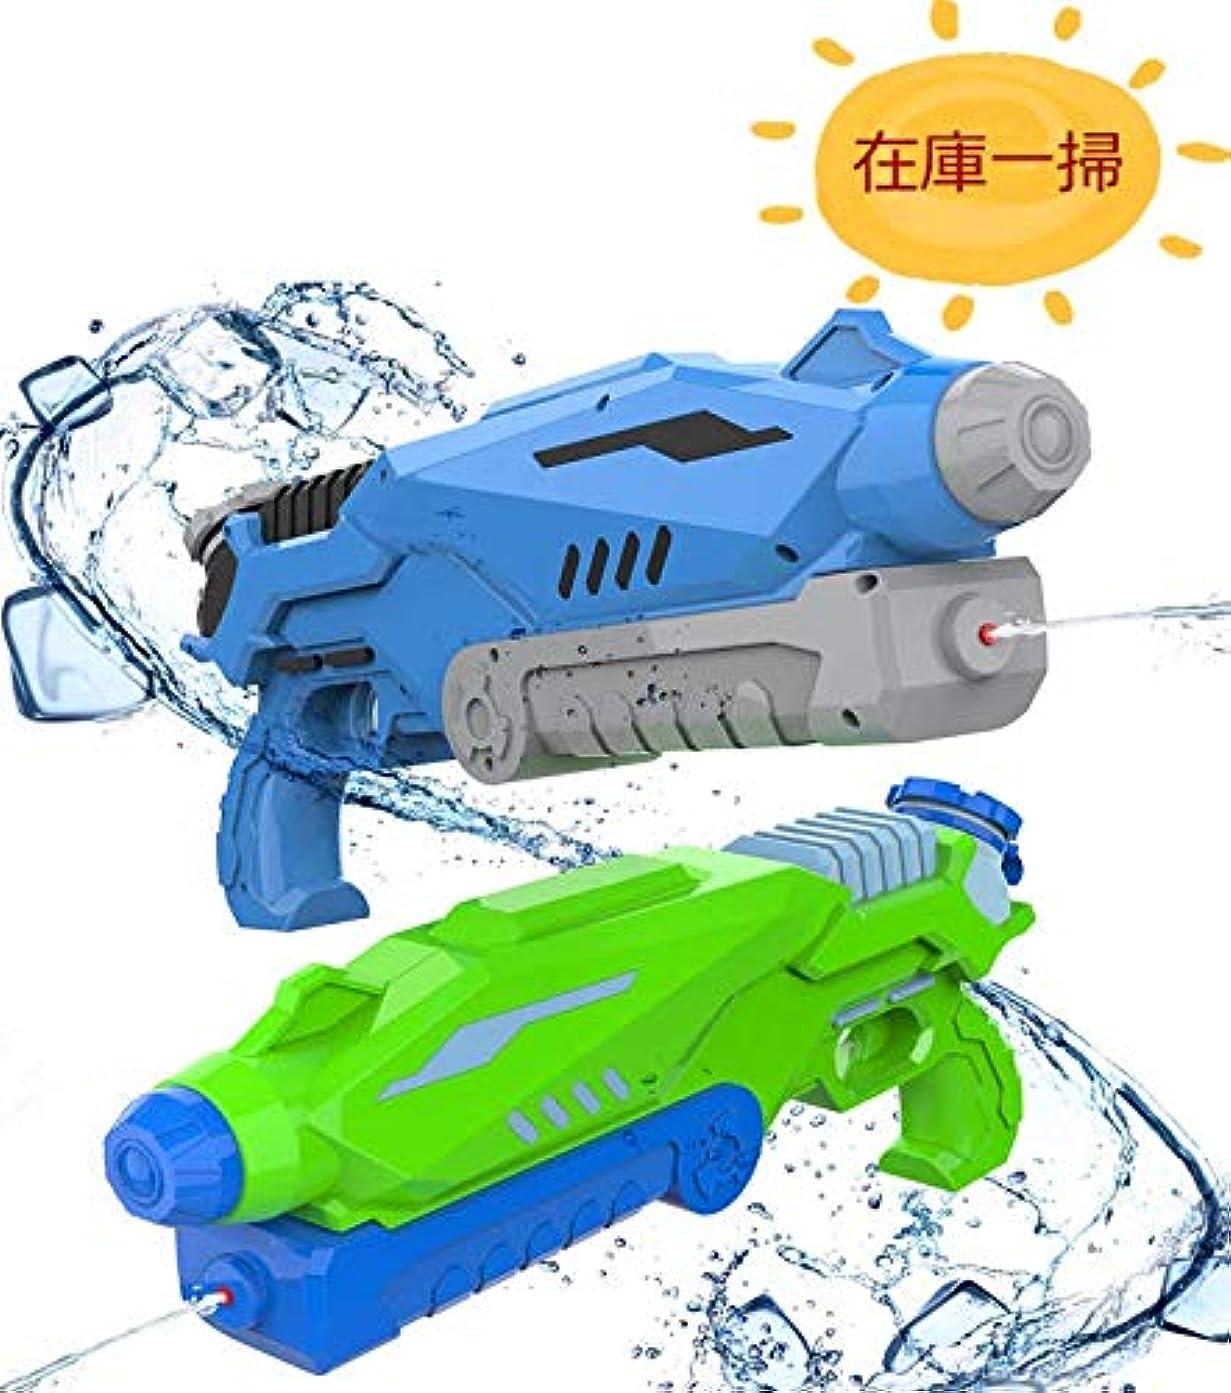 公ヒロイックごめんなさいJoyjoz 水鉄砲 2点セット 最強 ウォーターガン 超強力飛距離 10-12m 水てっぽう 800ML超大水容量 プール 水ピストル おもちゃ 水遊び 水撃ショット お風呂